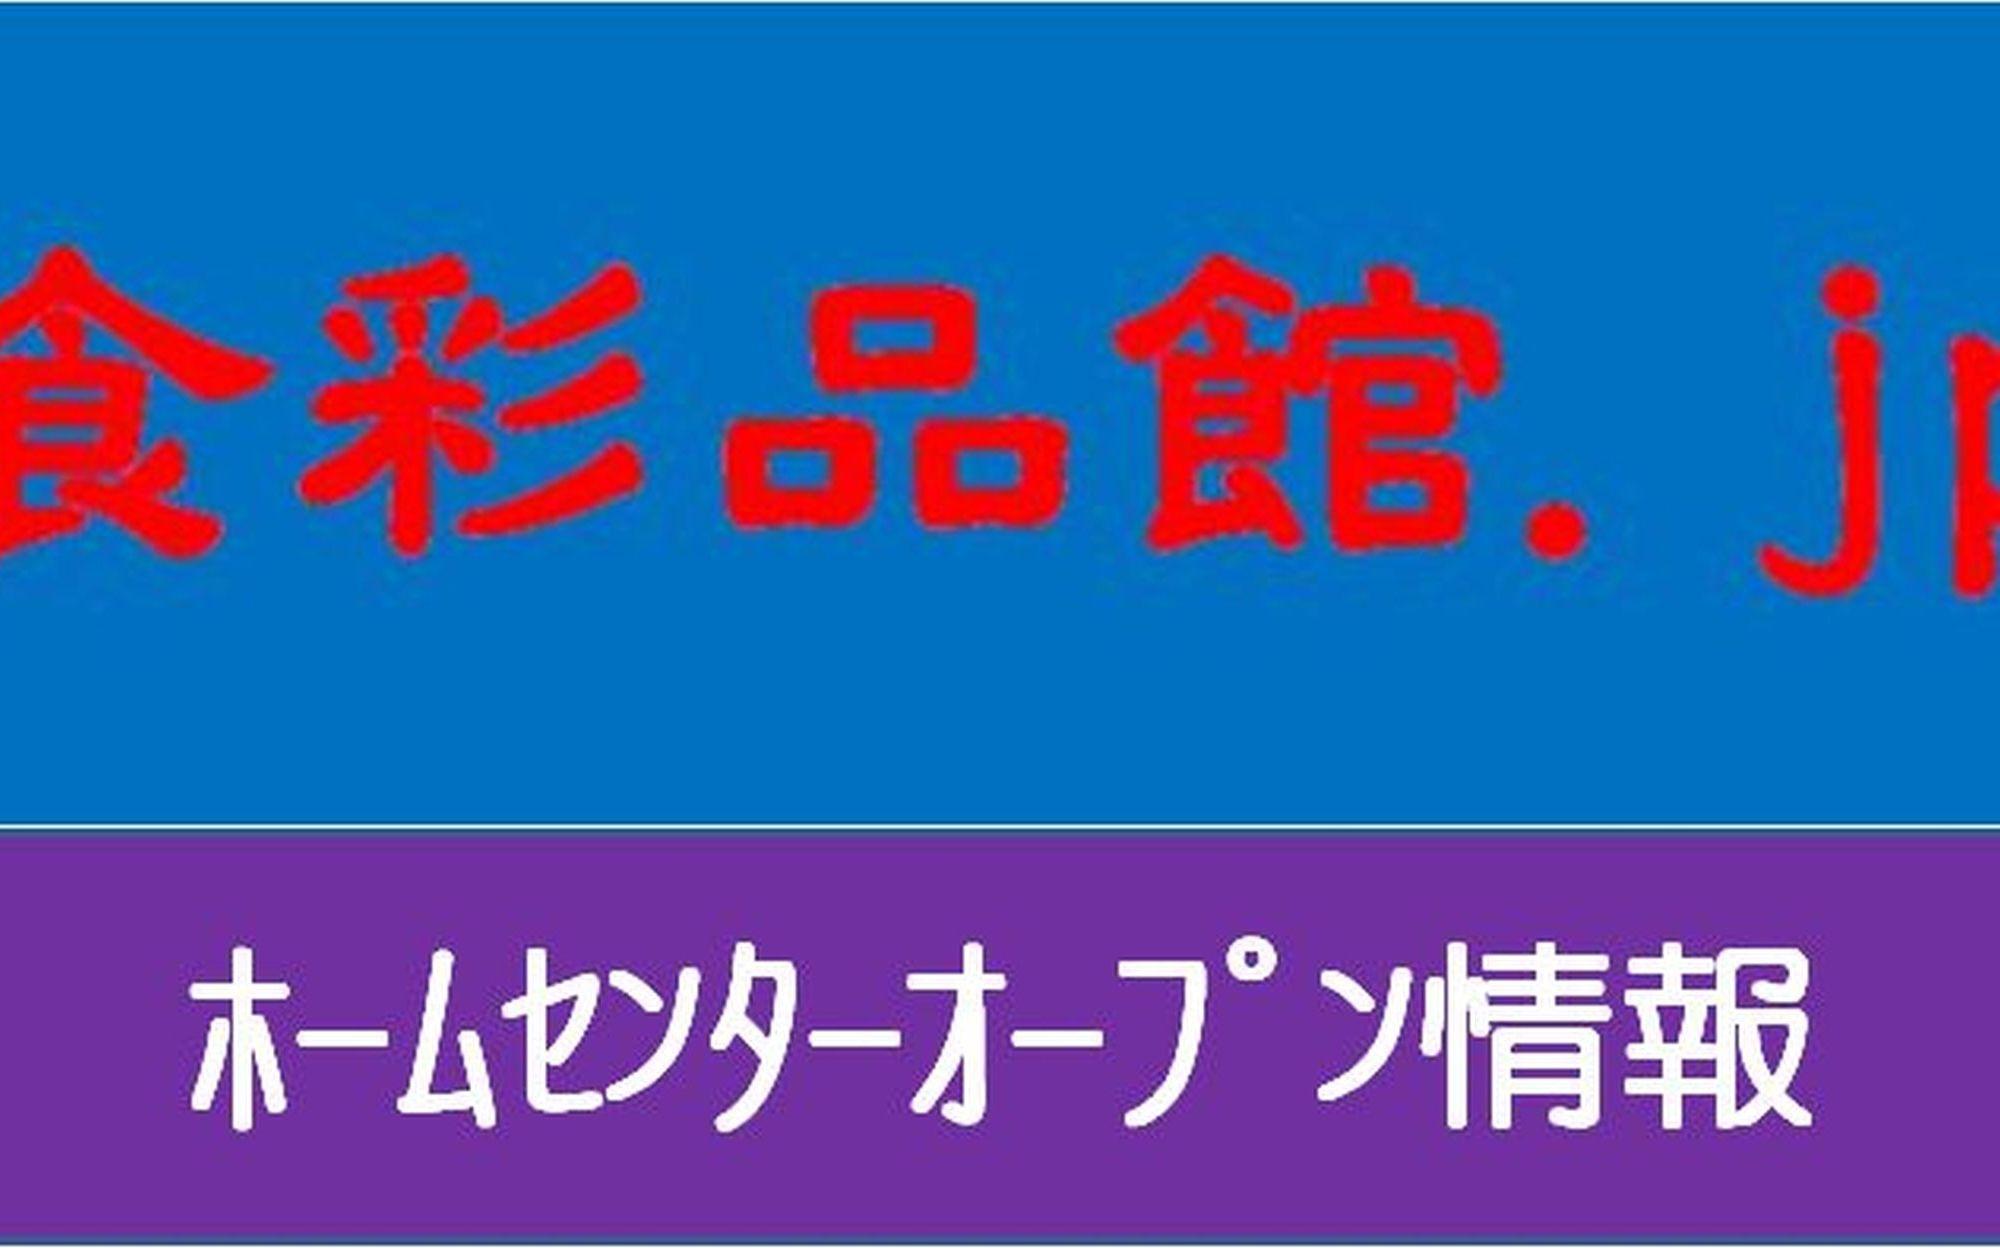 サンデー塩釜店(宮城県塩竈市)2020年2月19日オープン予定で大店立地届出